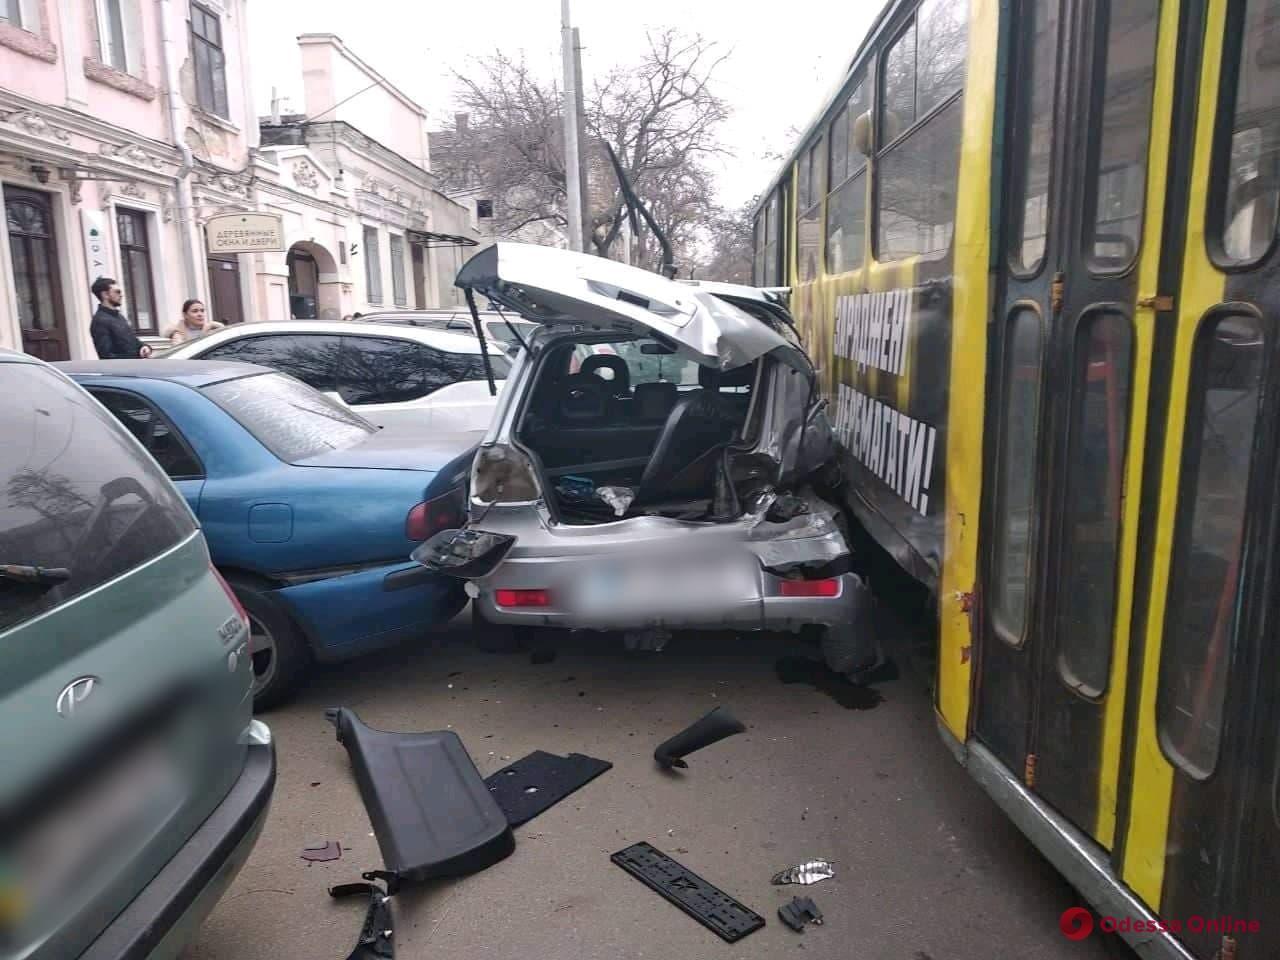 ДТП на Старопортофранковской: авто зажало между трамваем и припаркованными машинами